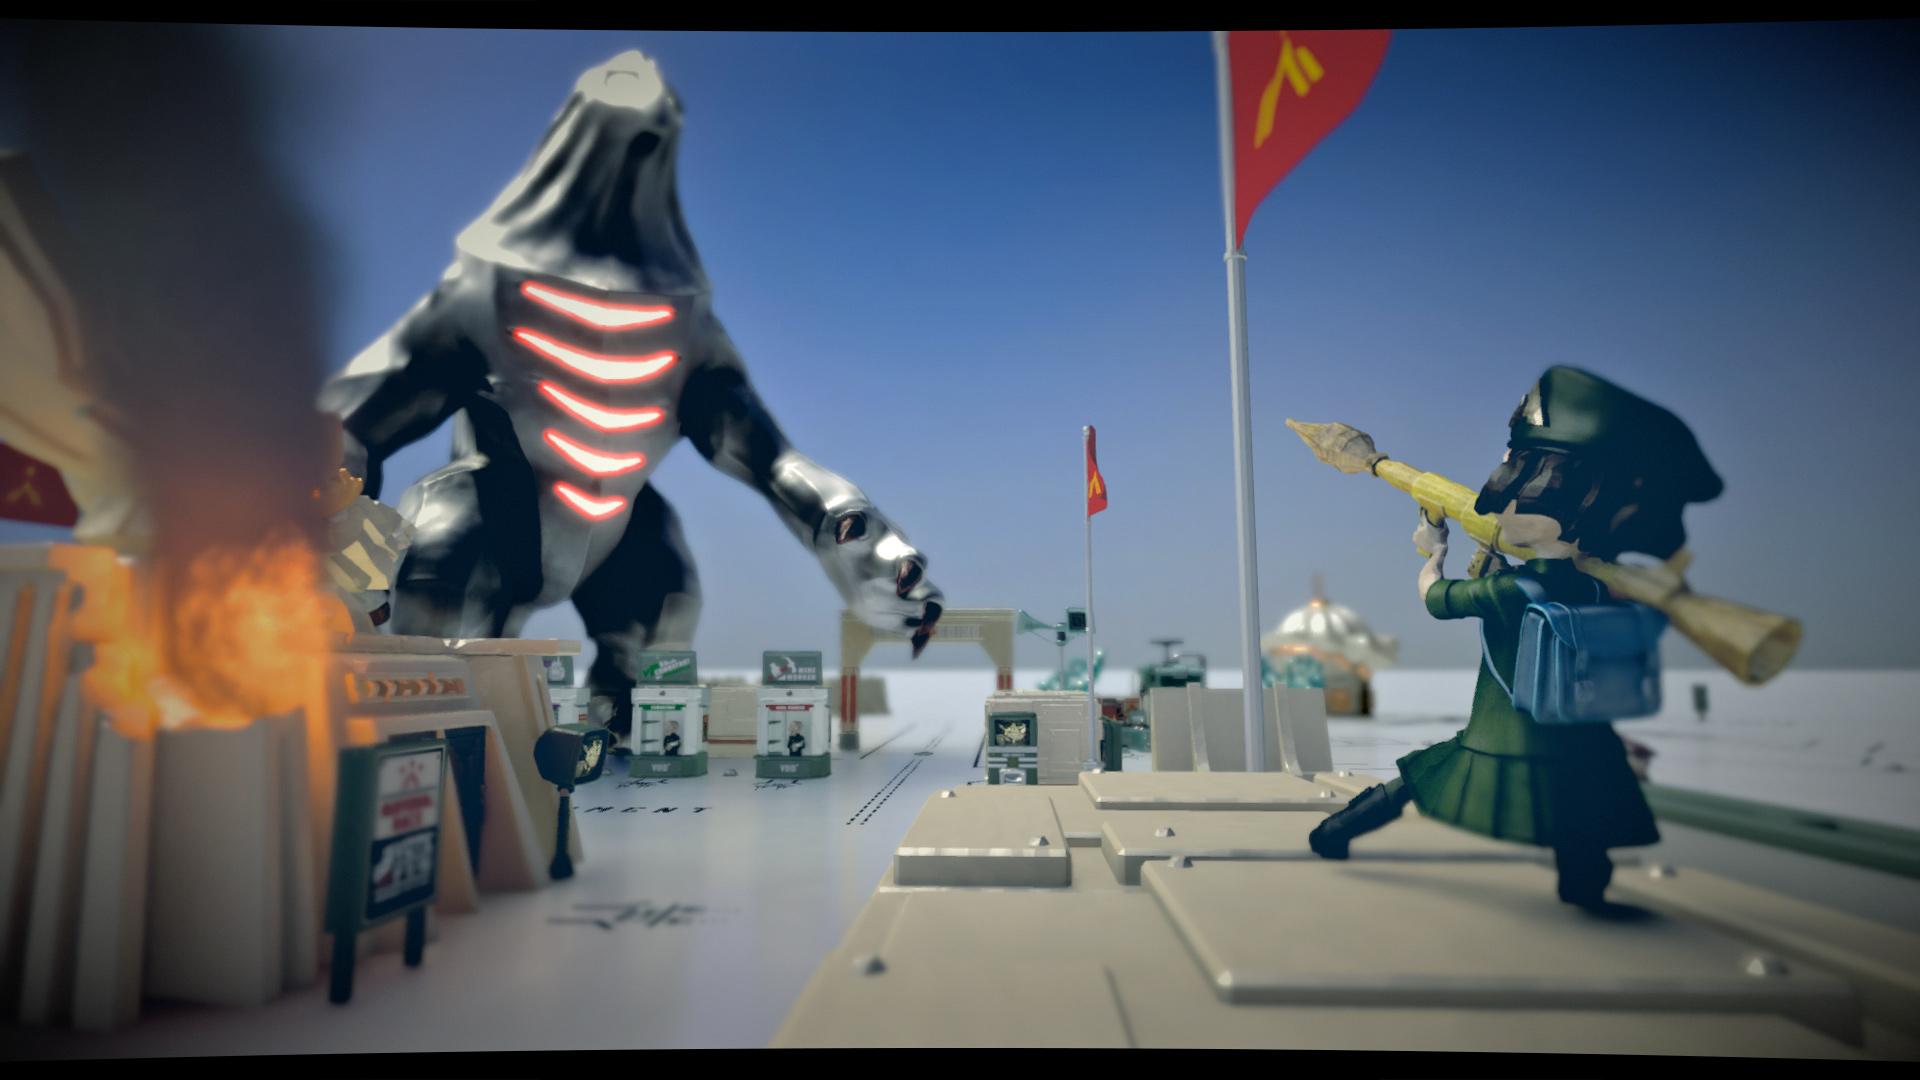 Lego Launch Arbeiter Nasa Wissenschaftler Space Enginer Baukästen & Konstruktion LEGO Minifiguren